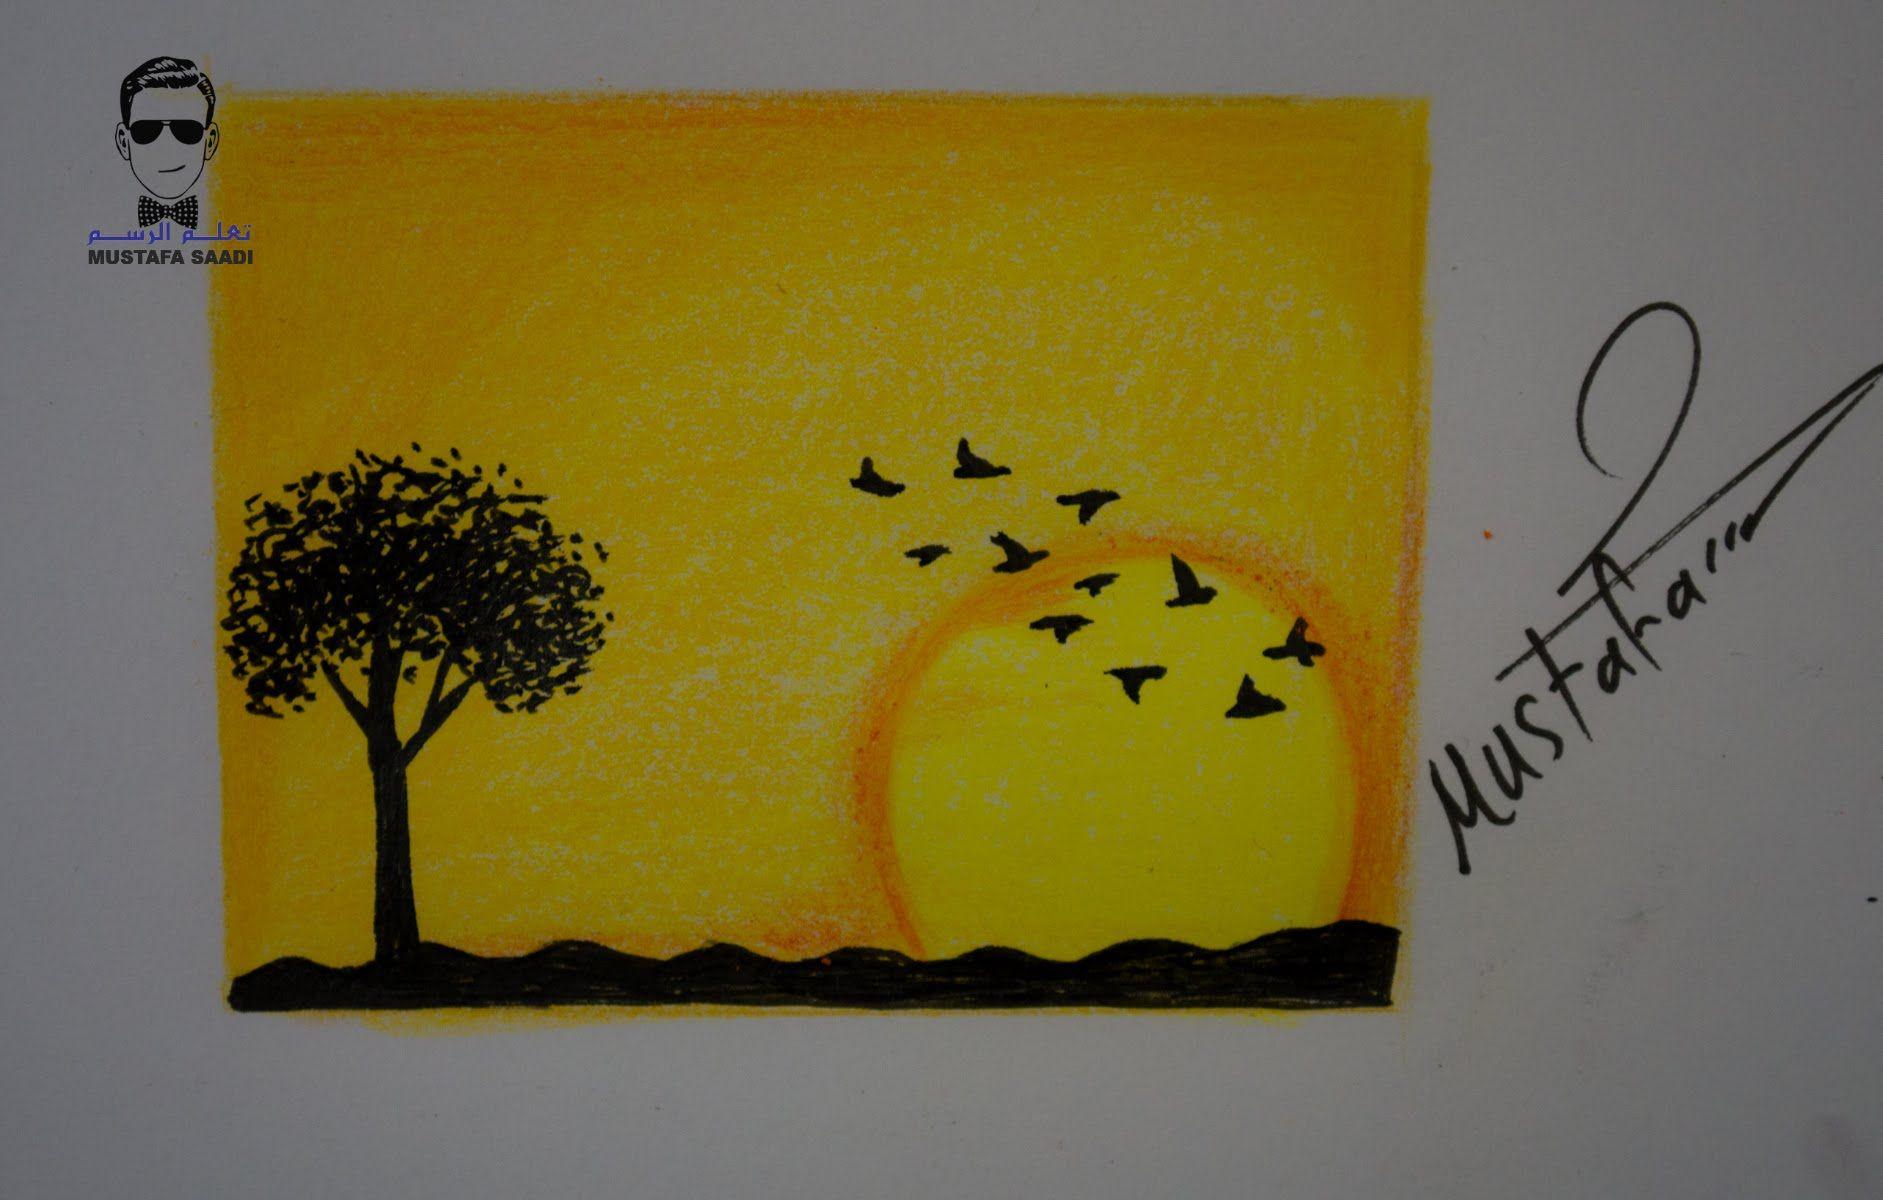 تعلم رسم منظر طبيعي مع الخطوات للمبتدئين البراعم والاطفال Art Drawings Draw